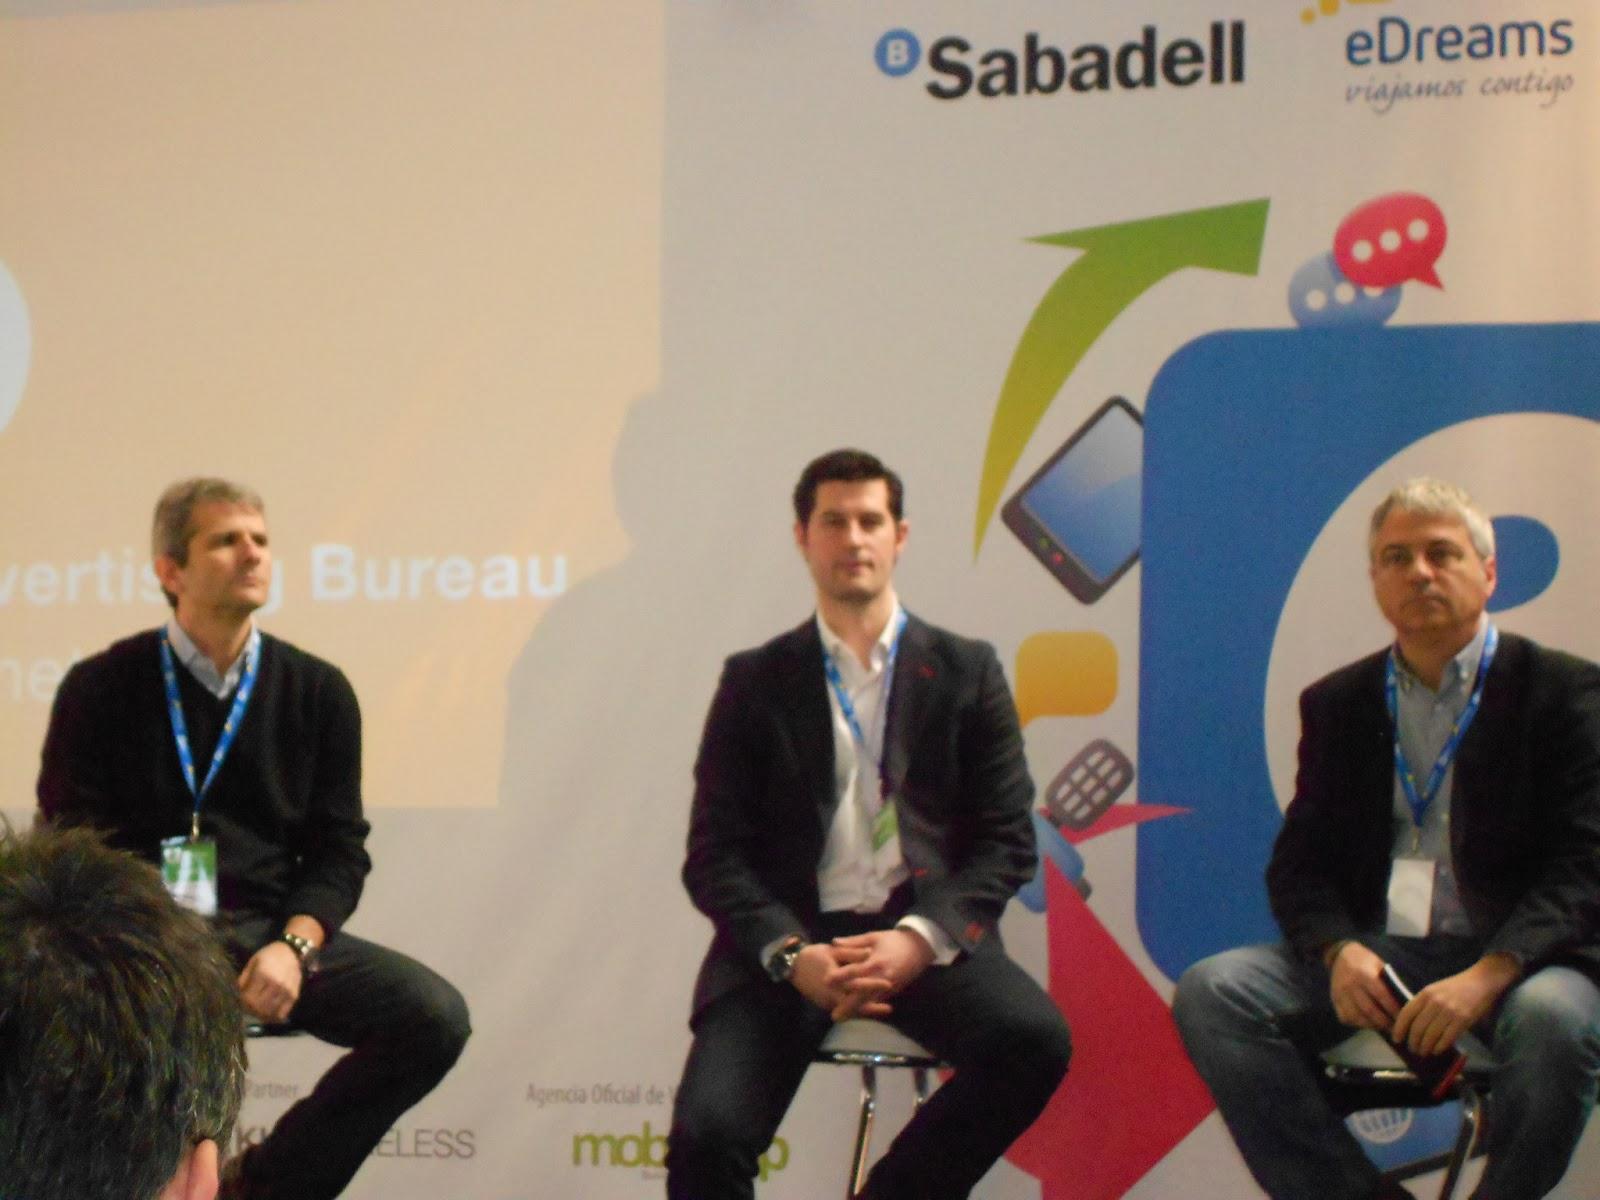 Foro IAB España- De izquierda a derecha: Marcel.li Zuazua [Harraiz & Soto], Miguel Sánchez [Havas] y Álex Marquina [TV3]